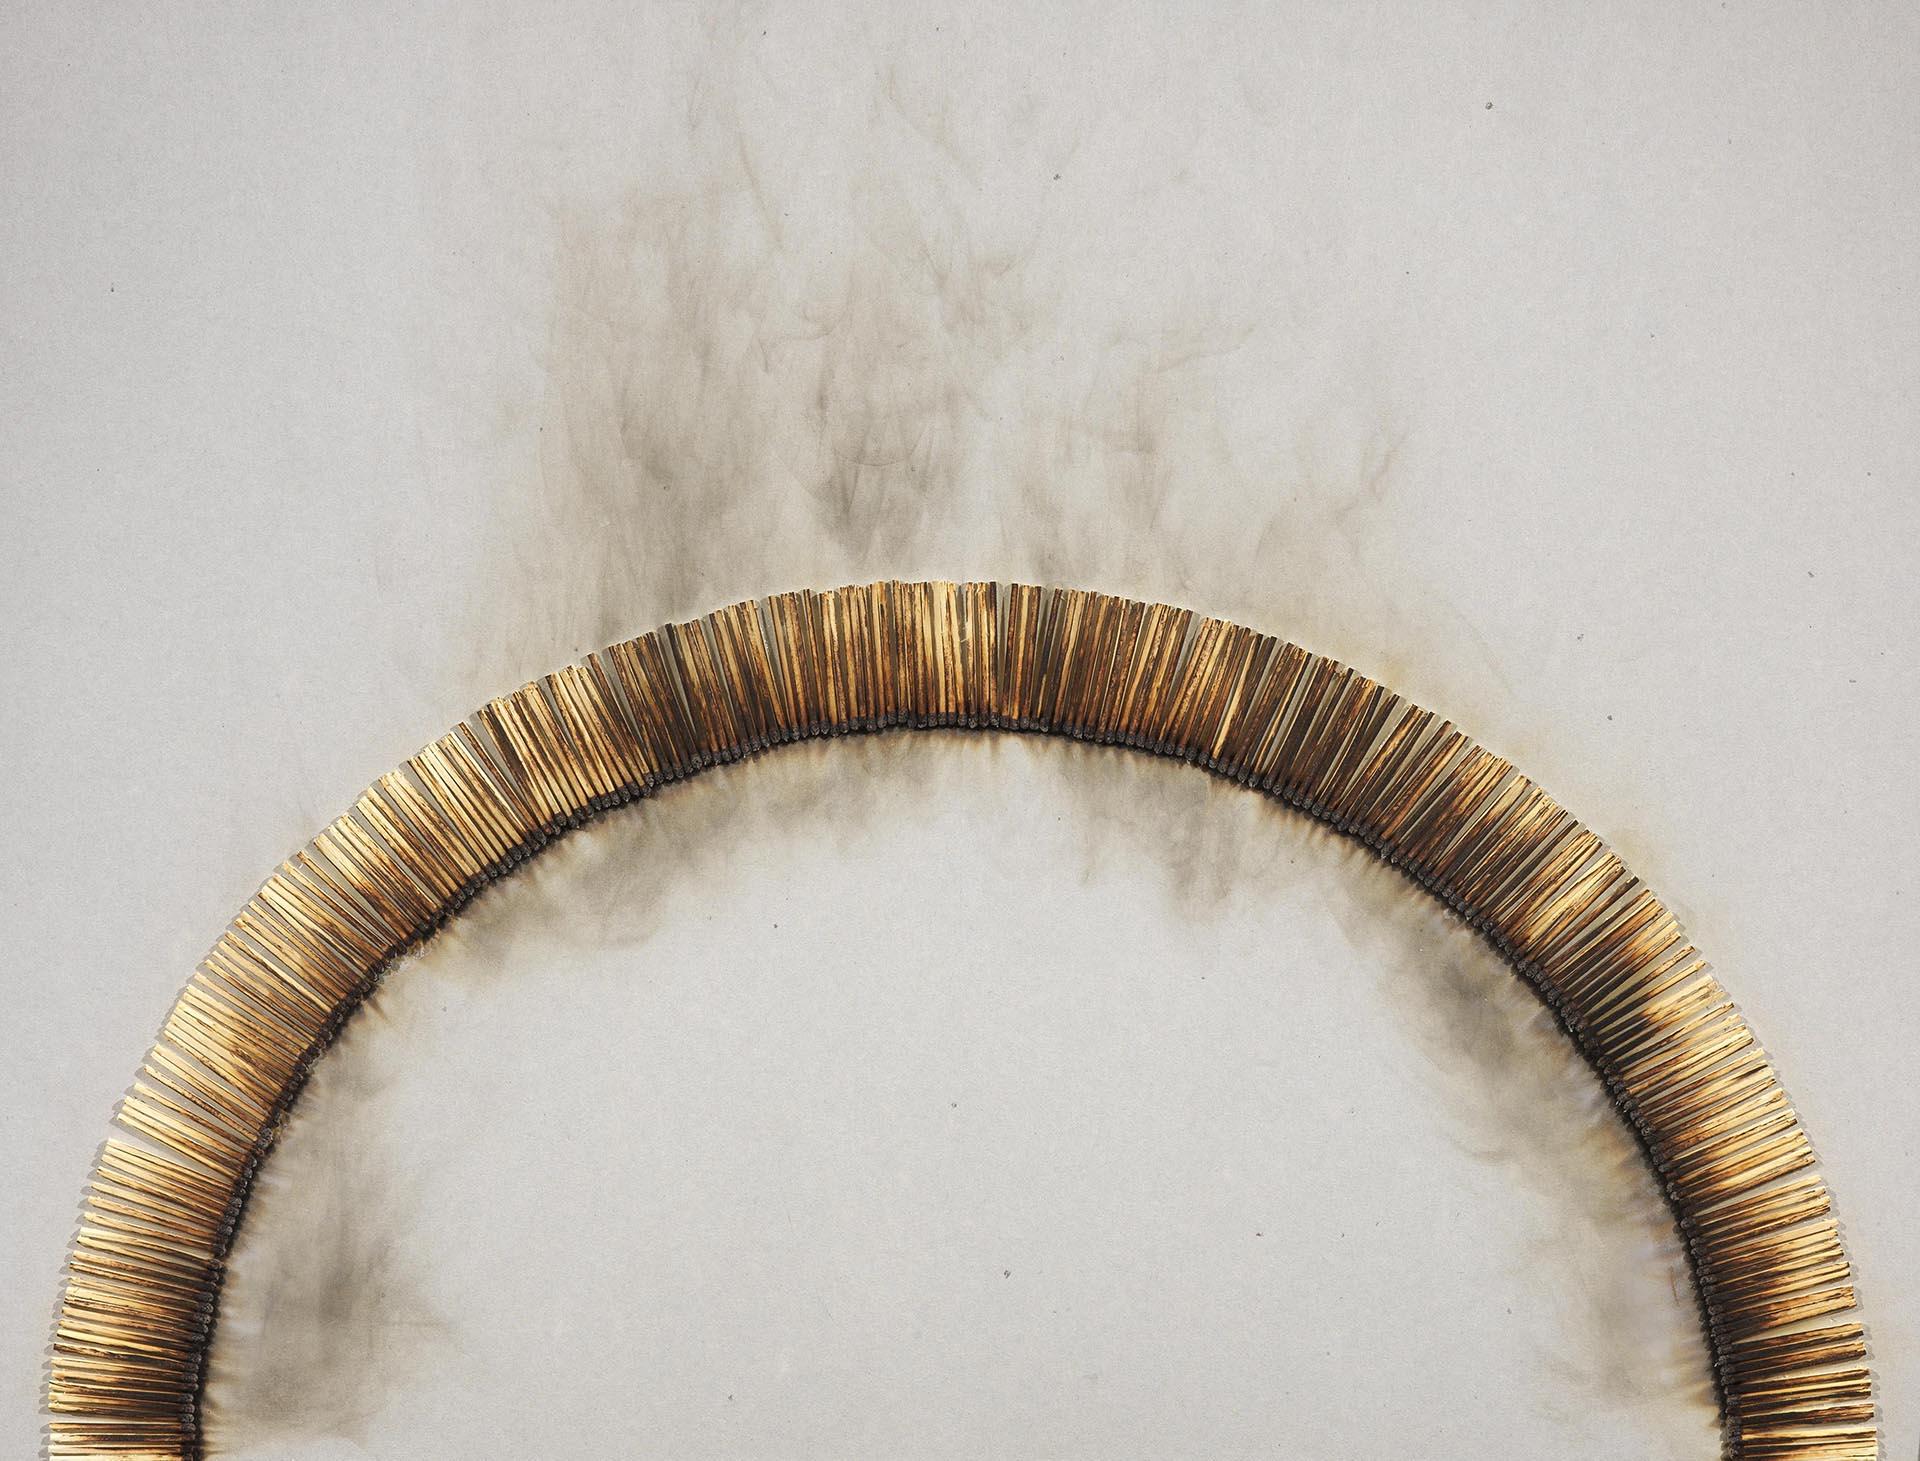 Aubertin, Dessin de feu, 1974, 50x65 cm